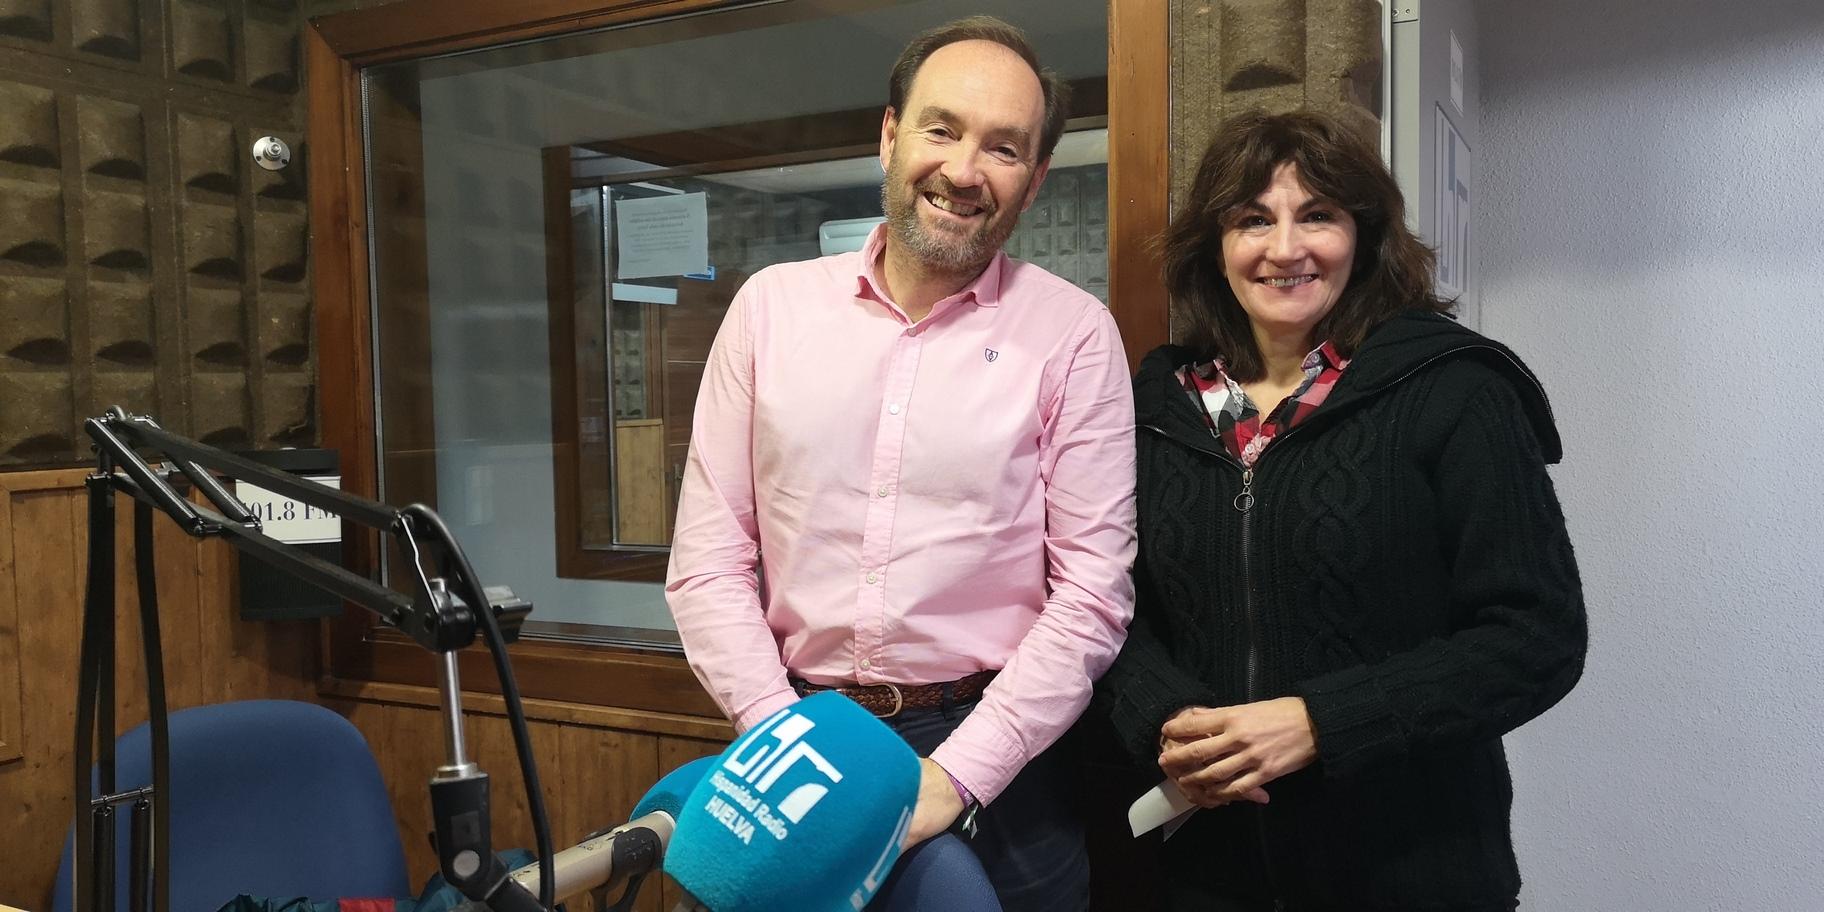 Queremos Saber 30-12-2019-José Fernández de los Santos-Vicepresidente de la Diputación Provincial de Huelva, además es Concejal de Régimen Interior, Modernización Digital del Ayuntamiento de Huelva